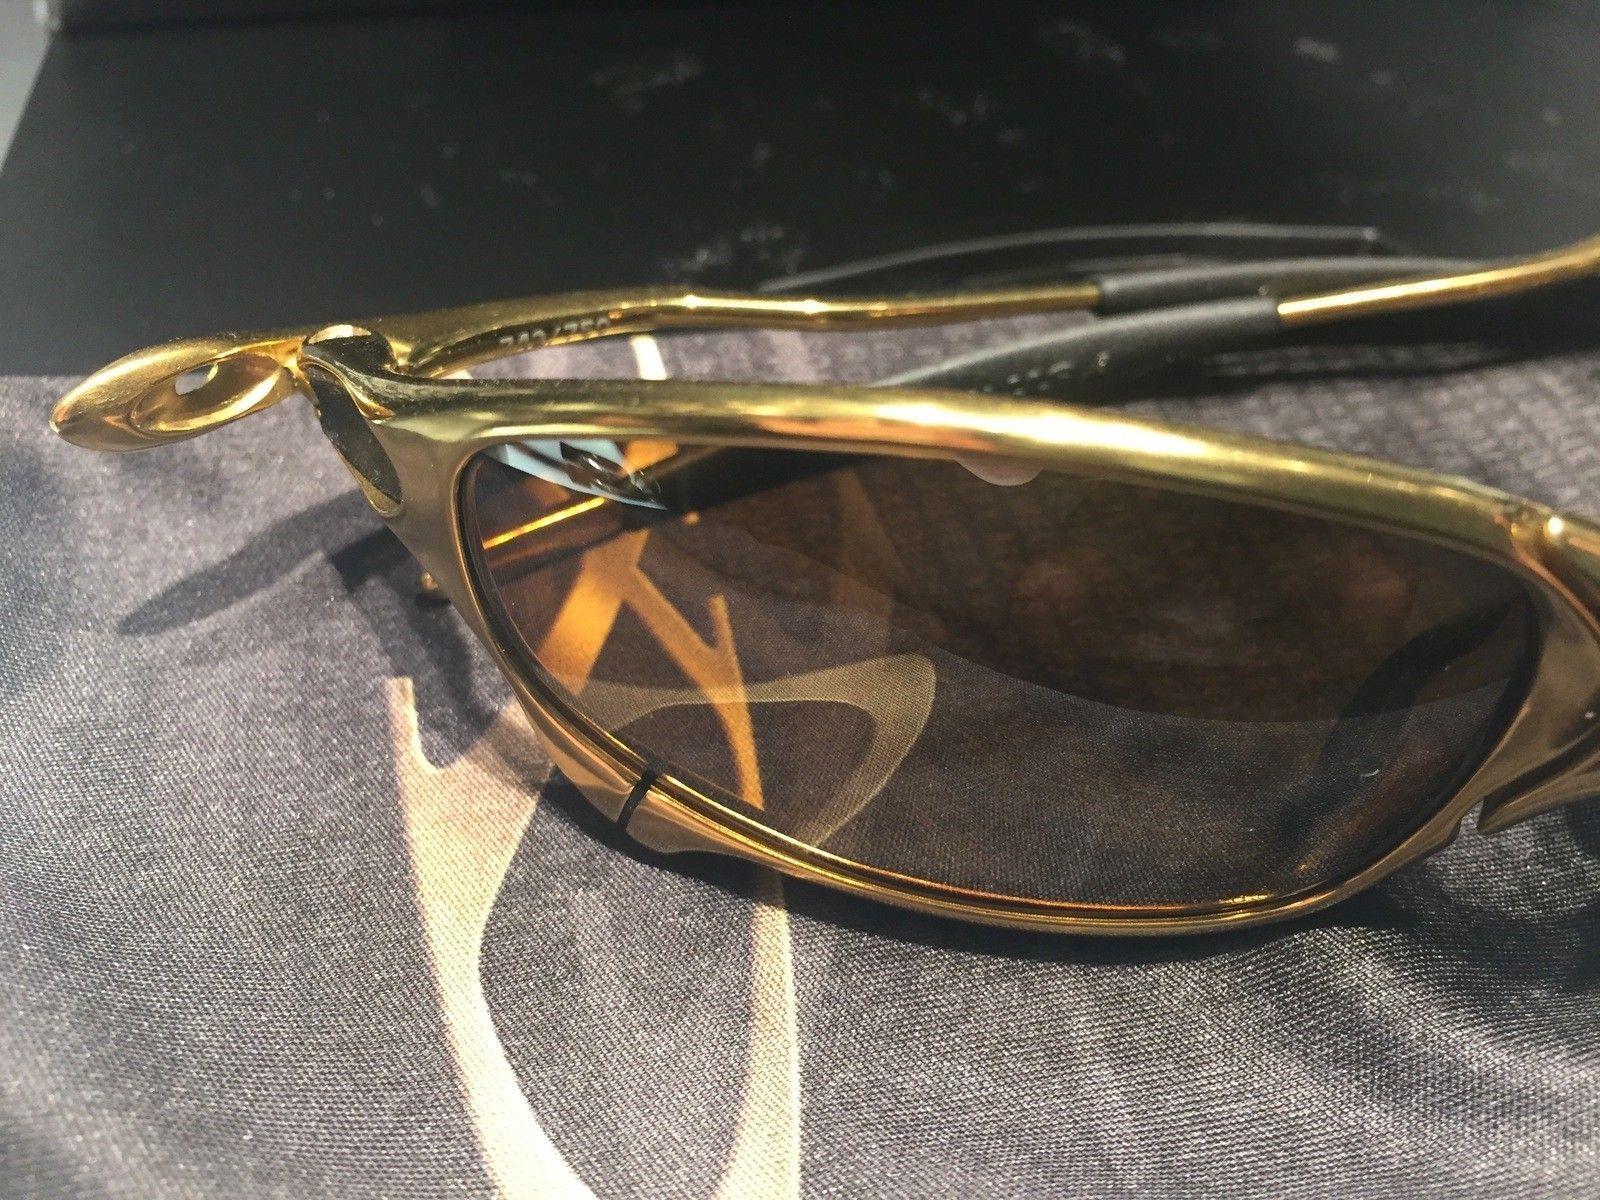 24k OEM Juliet Complete Brand New #742 $1450 see details - IMG_3434.jpg